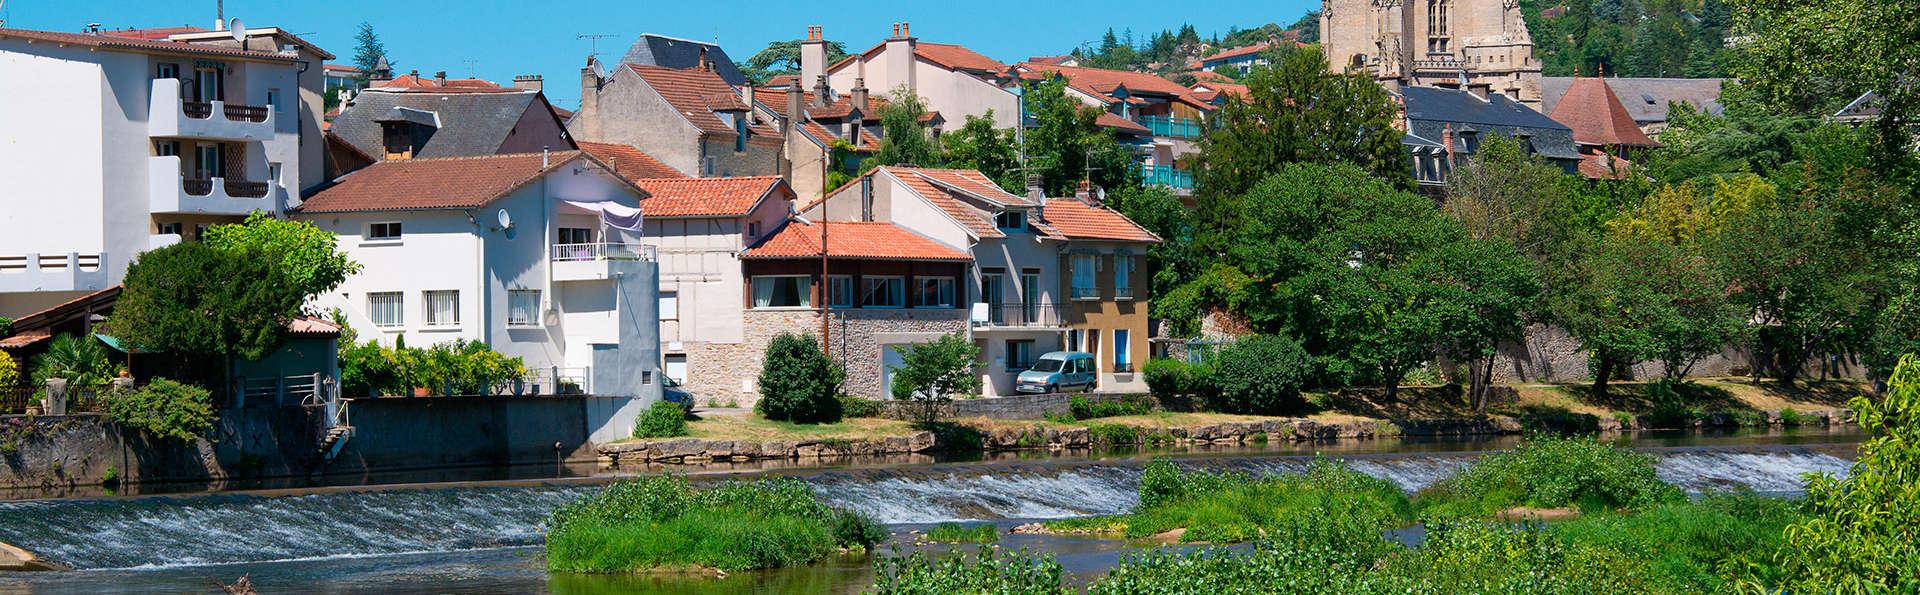 Descanso y comodidad en en Aveyron, al sur de Francia